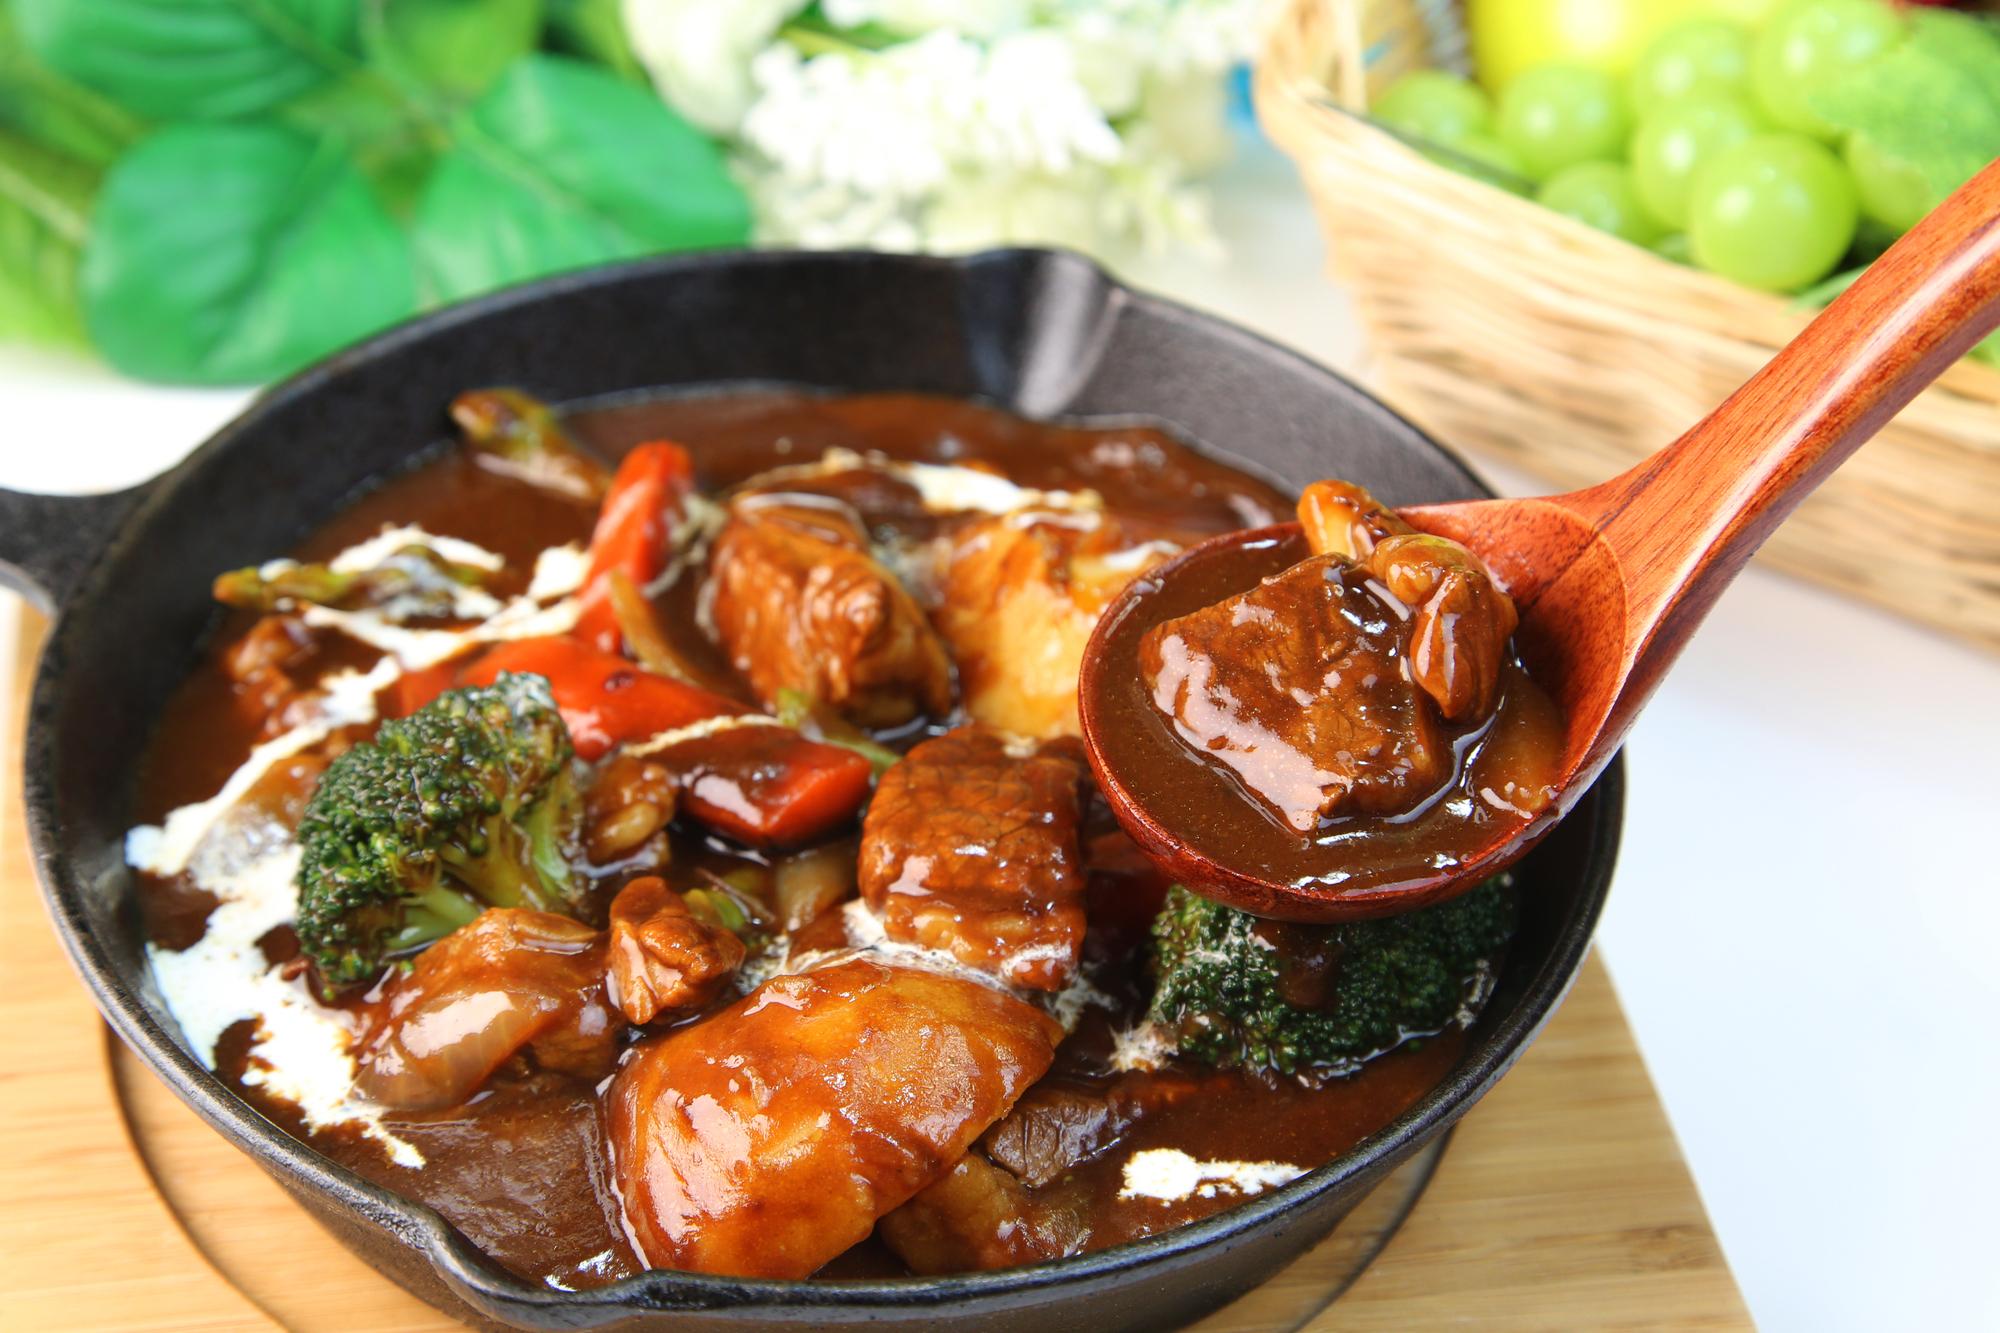 「ウサギ料理」はマルタ料理で絶対に外せない鉄板!